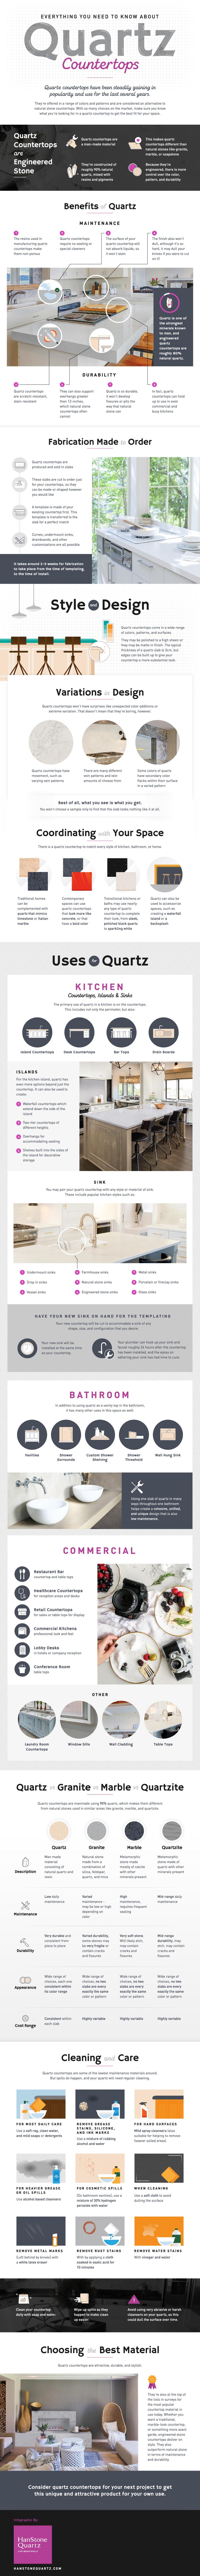 Hanstone Quartz Countertops Infographic